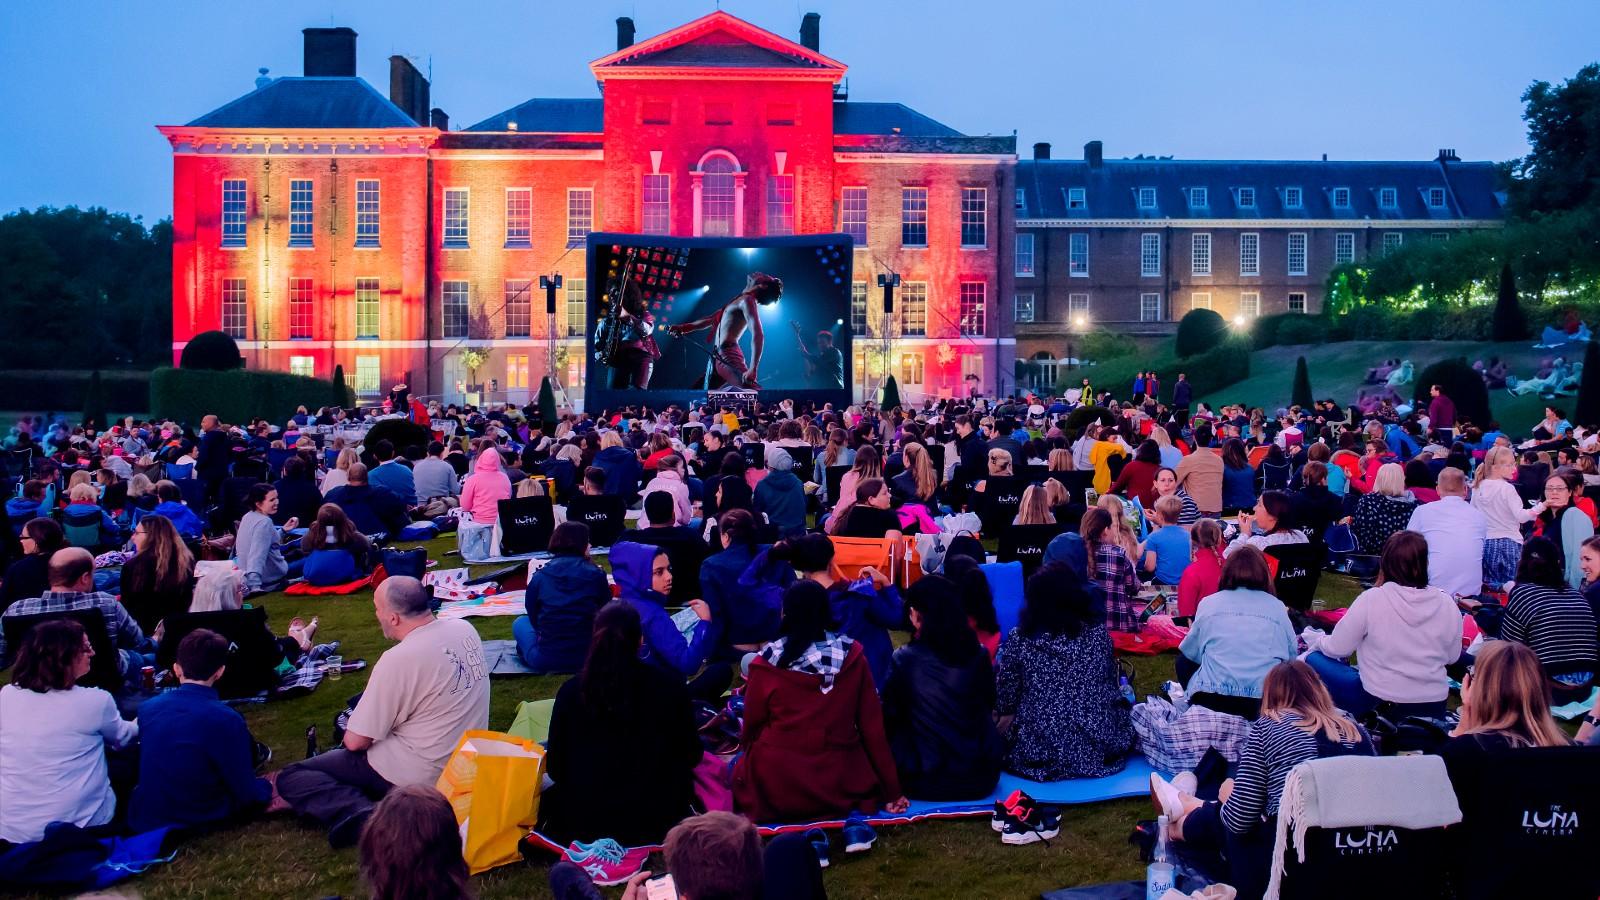 Luna Cinema Kensington Palace maison du Prince William et Kate